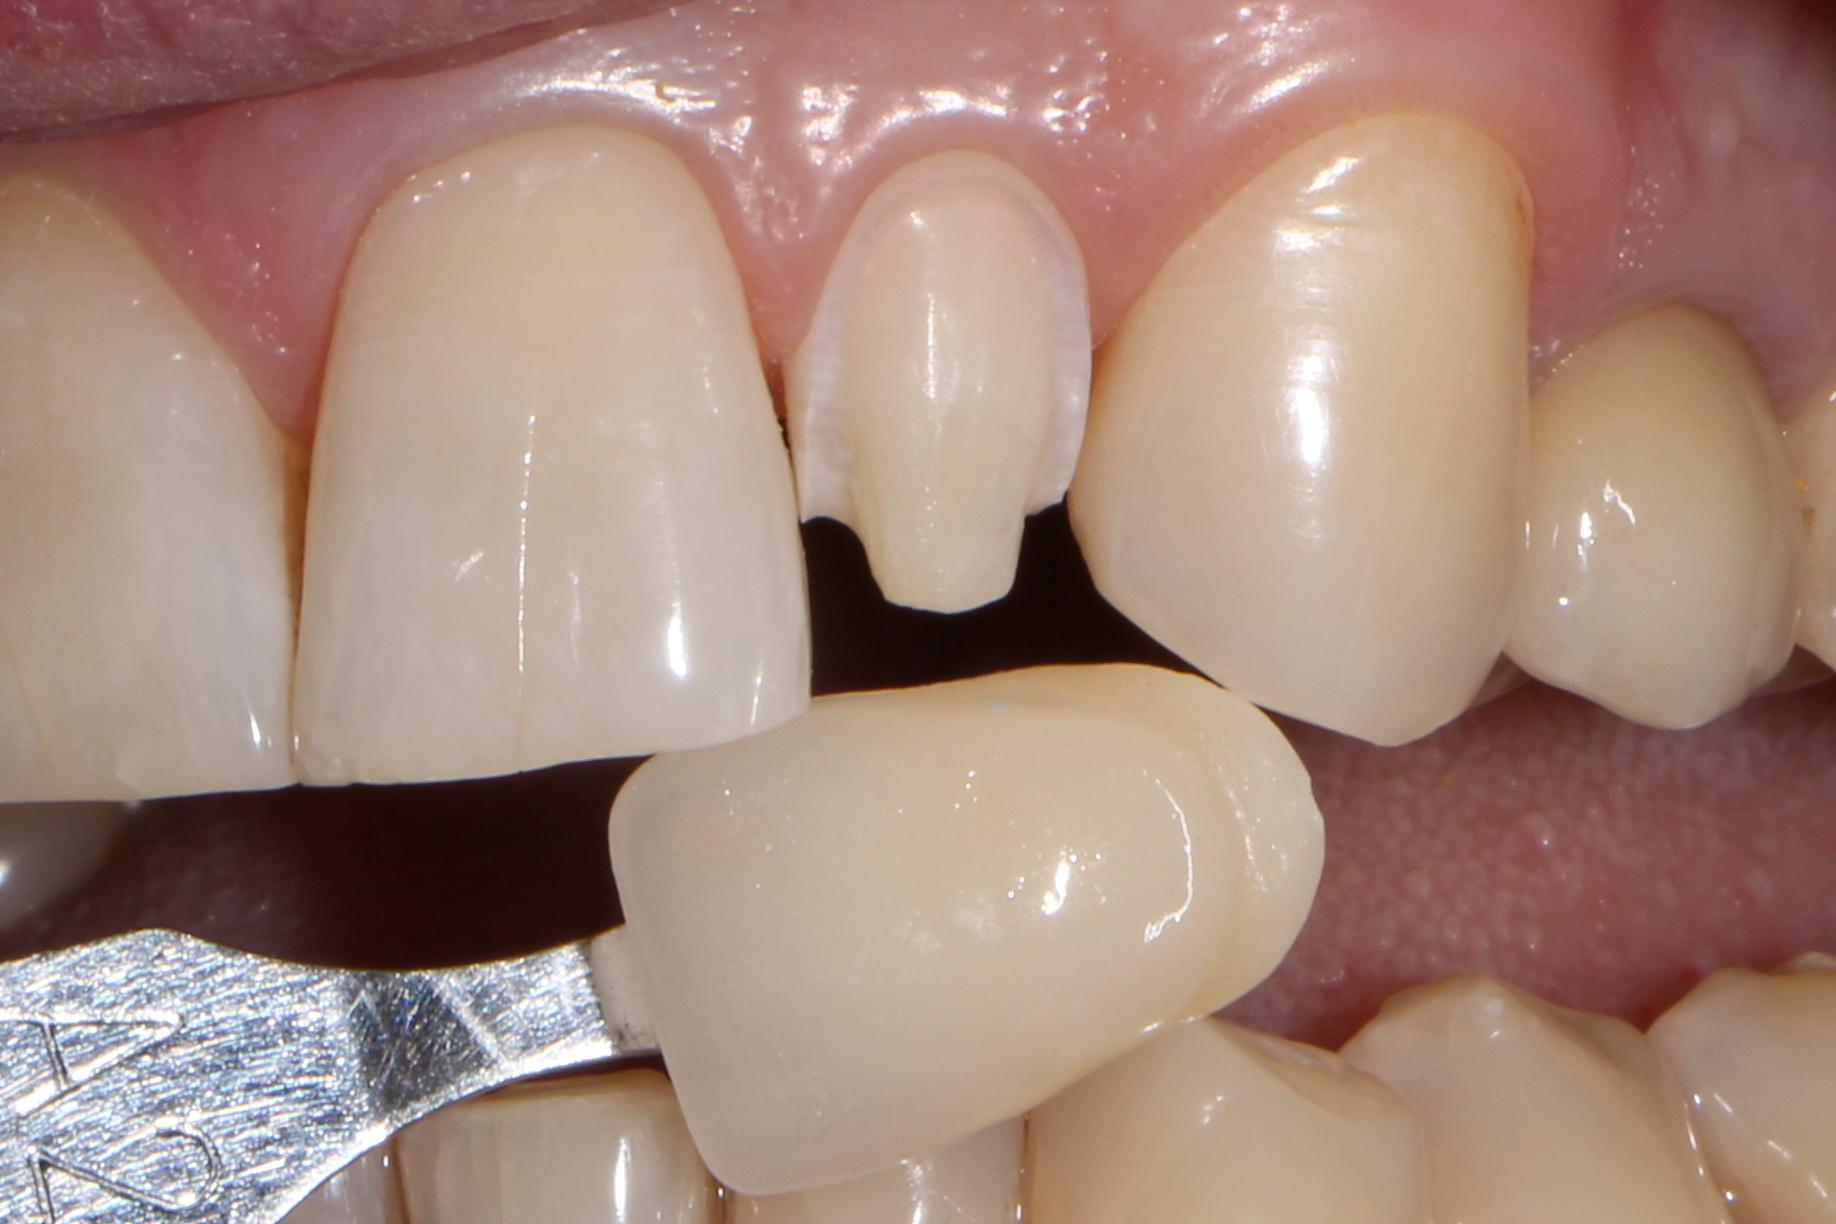 obtochka-zubov-pod-viniry